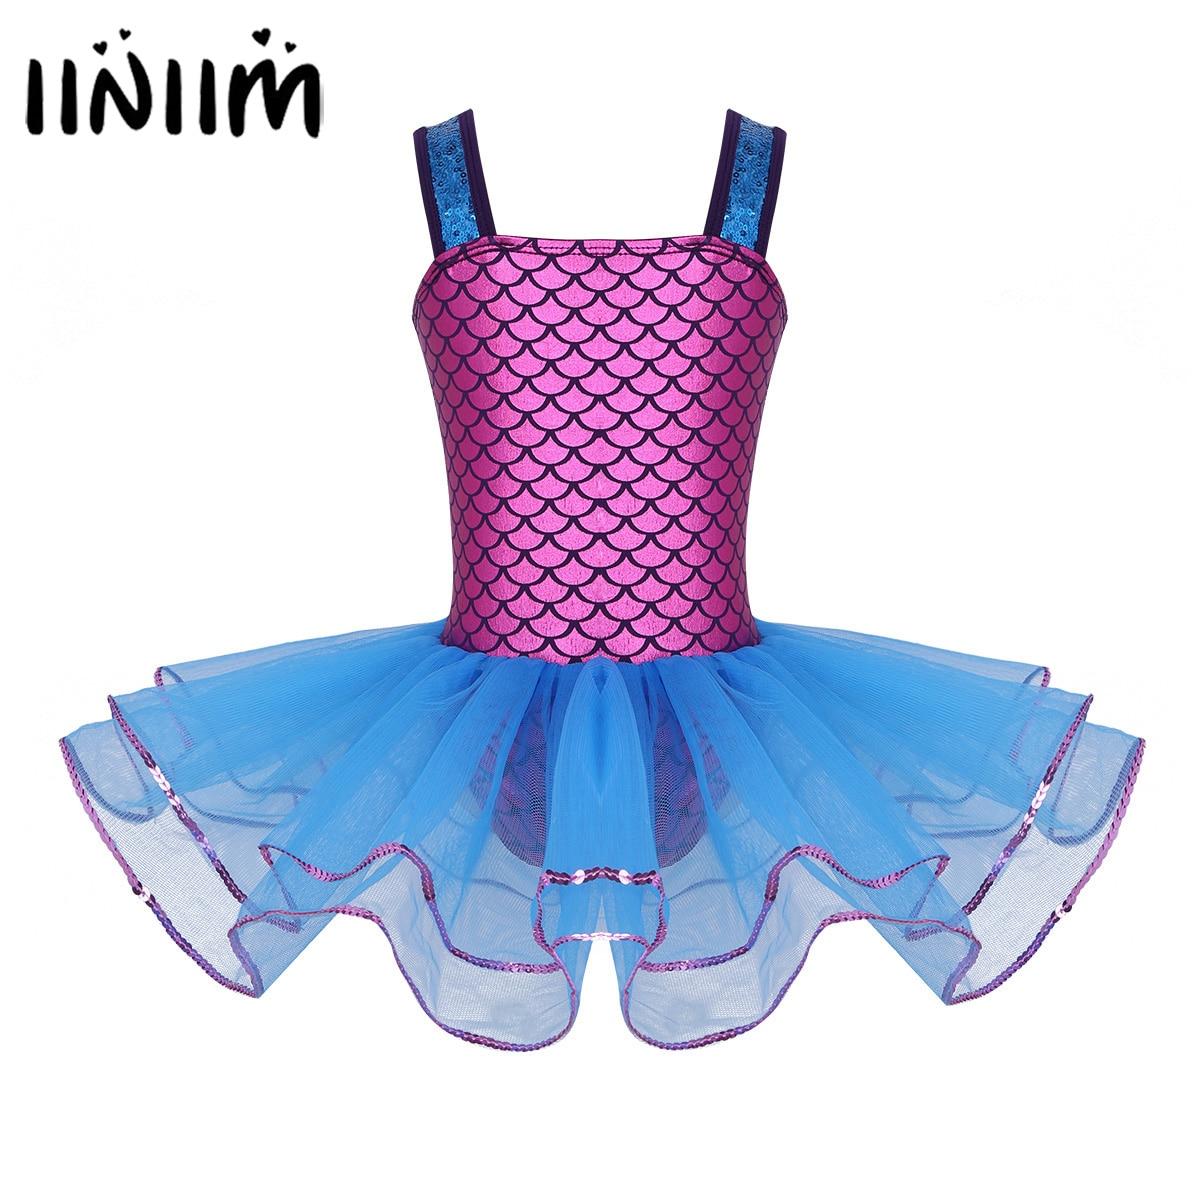 Filles adolescente sirène paillettes bretelles Ballet danse classe robe ballerine lyrique danse Costumes gymnastique justaucorps pour enfants robe